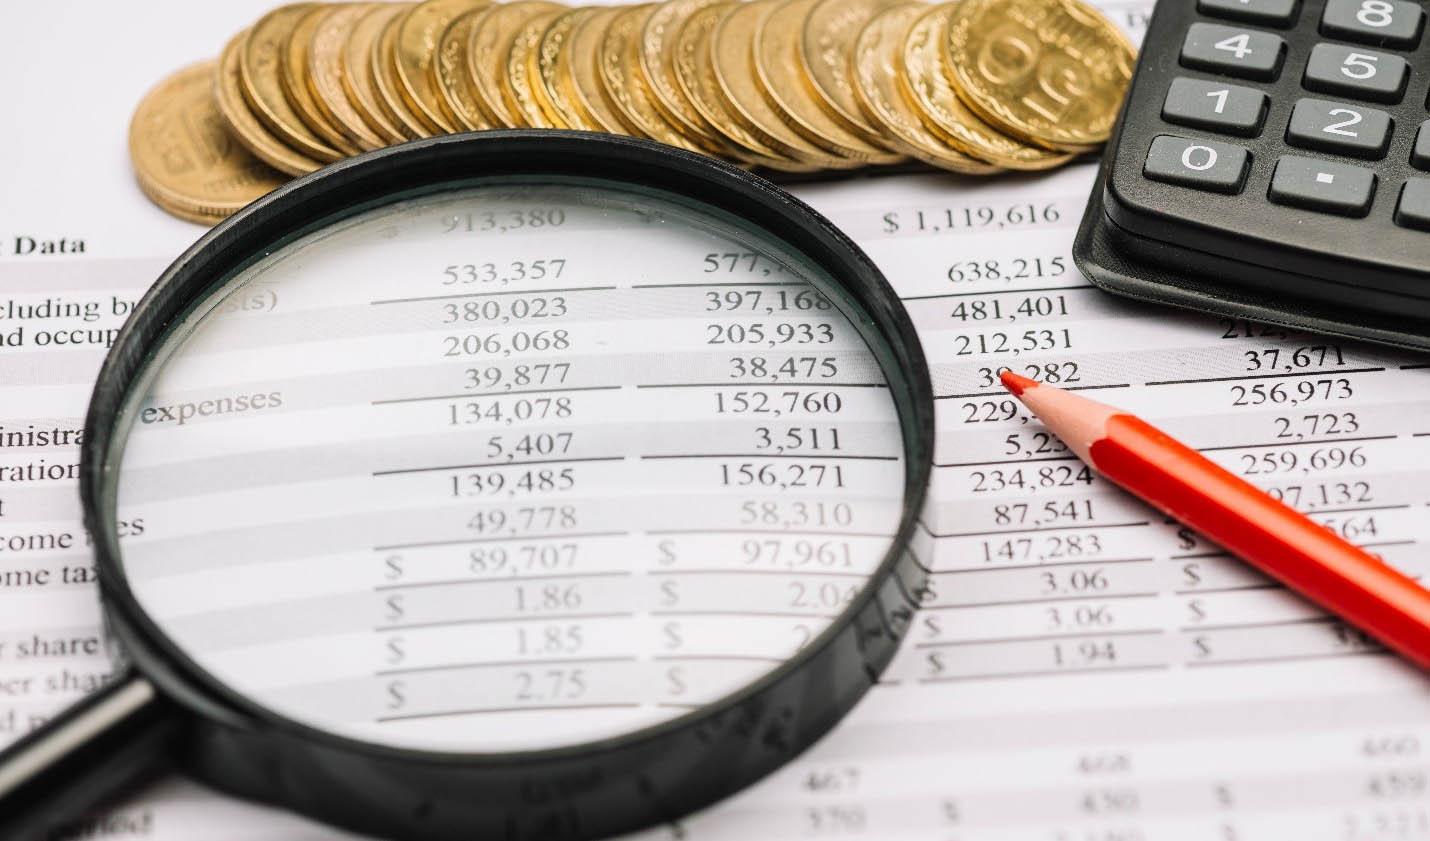 لایحه اصلاح قانون مالیاتهای مستقیم، یک گام تا تصویب دولت